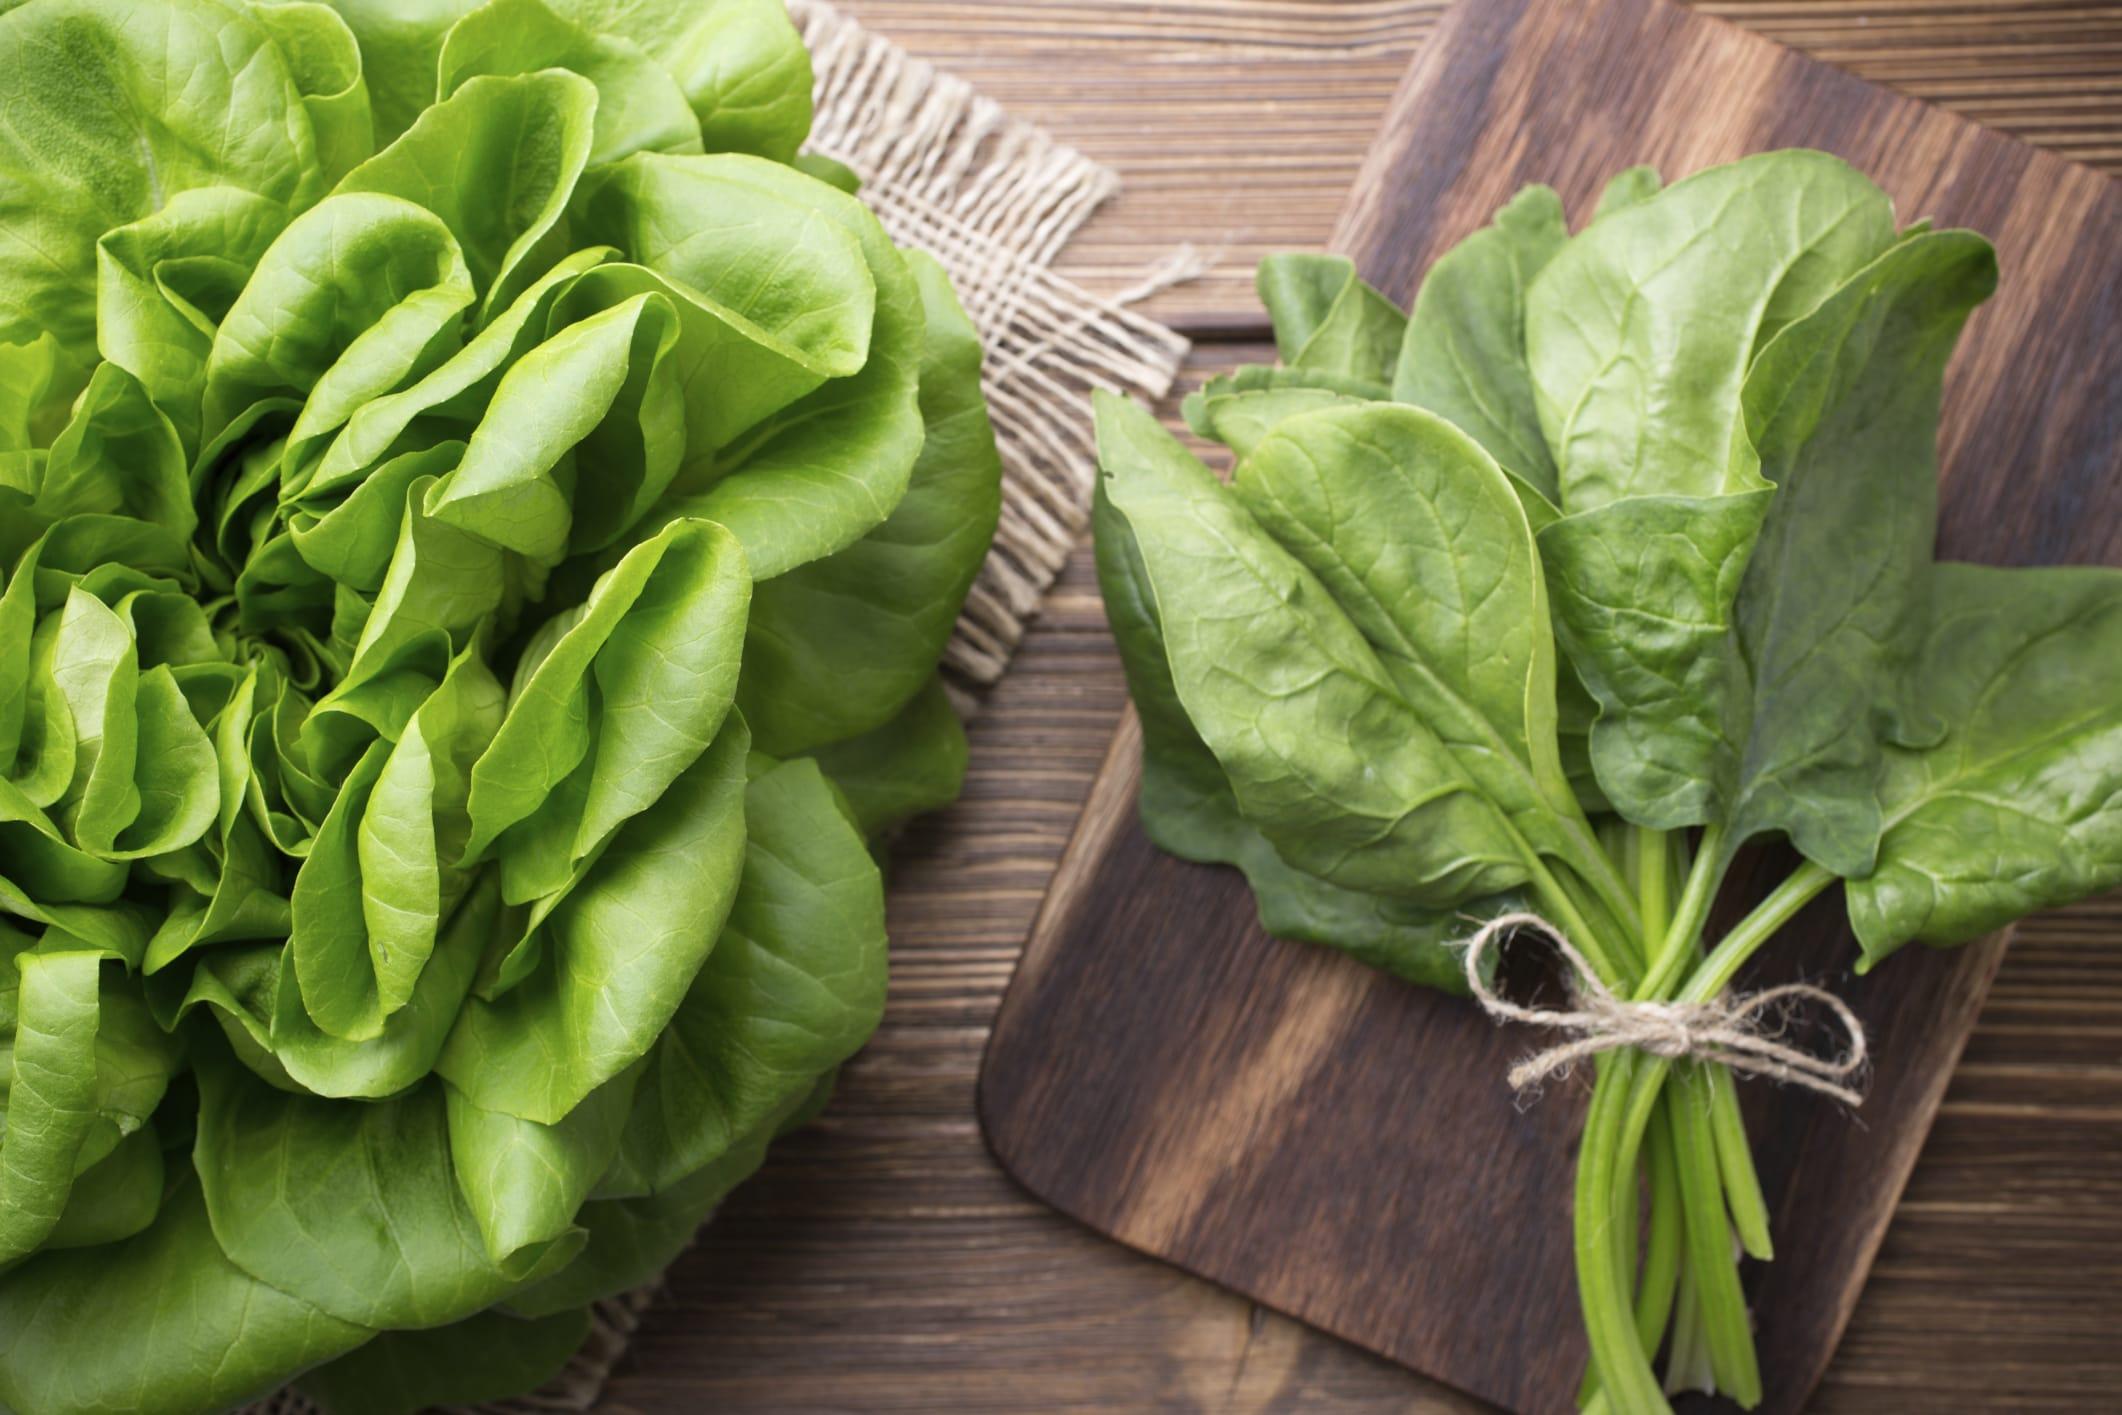 come coltivare gli spinaci non sprecare